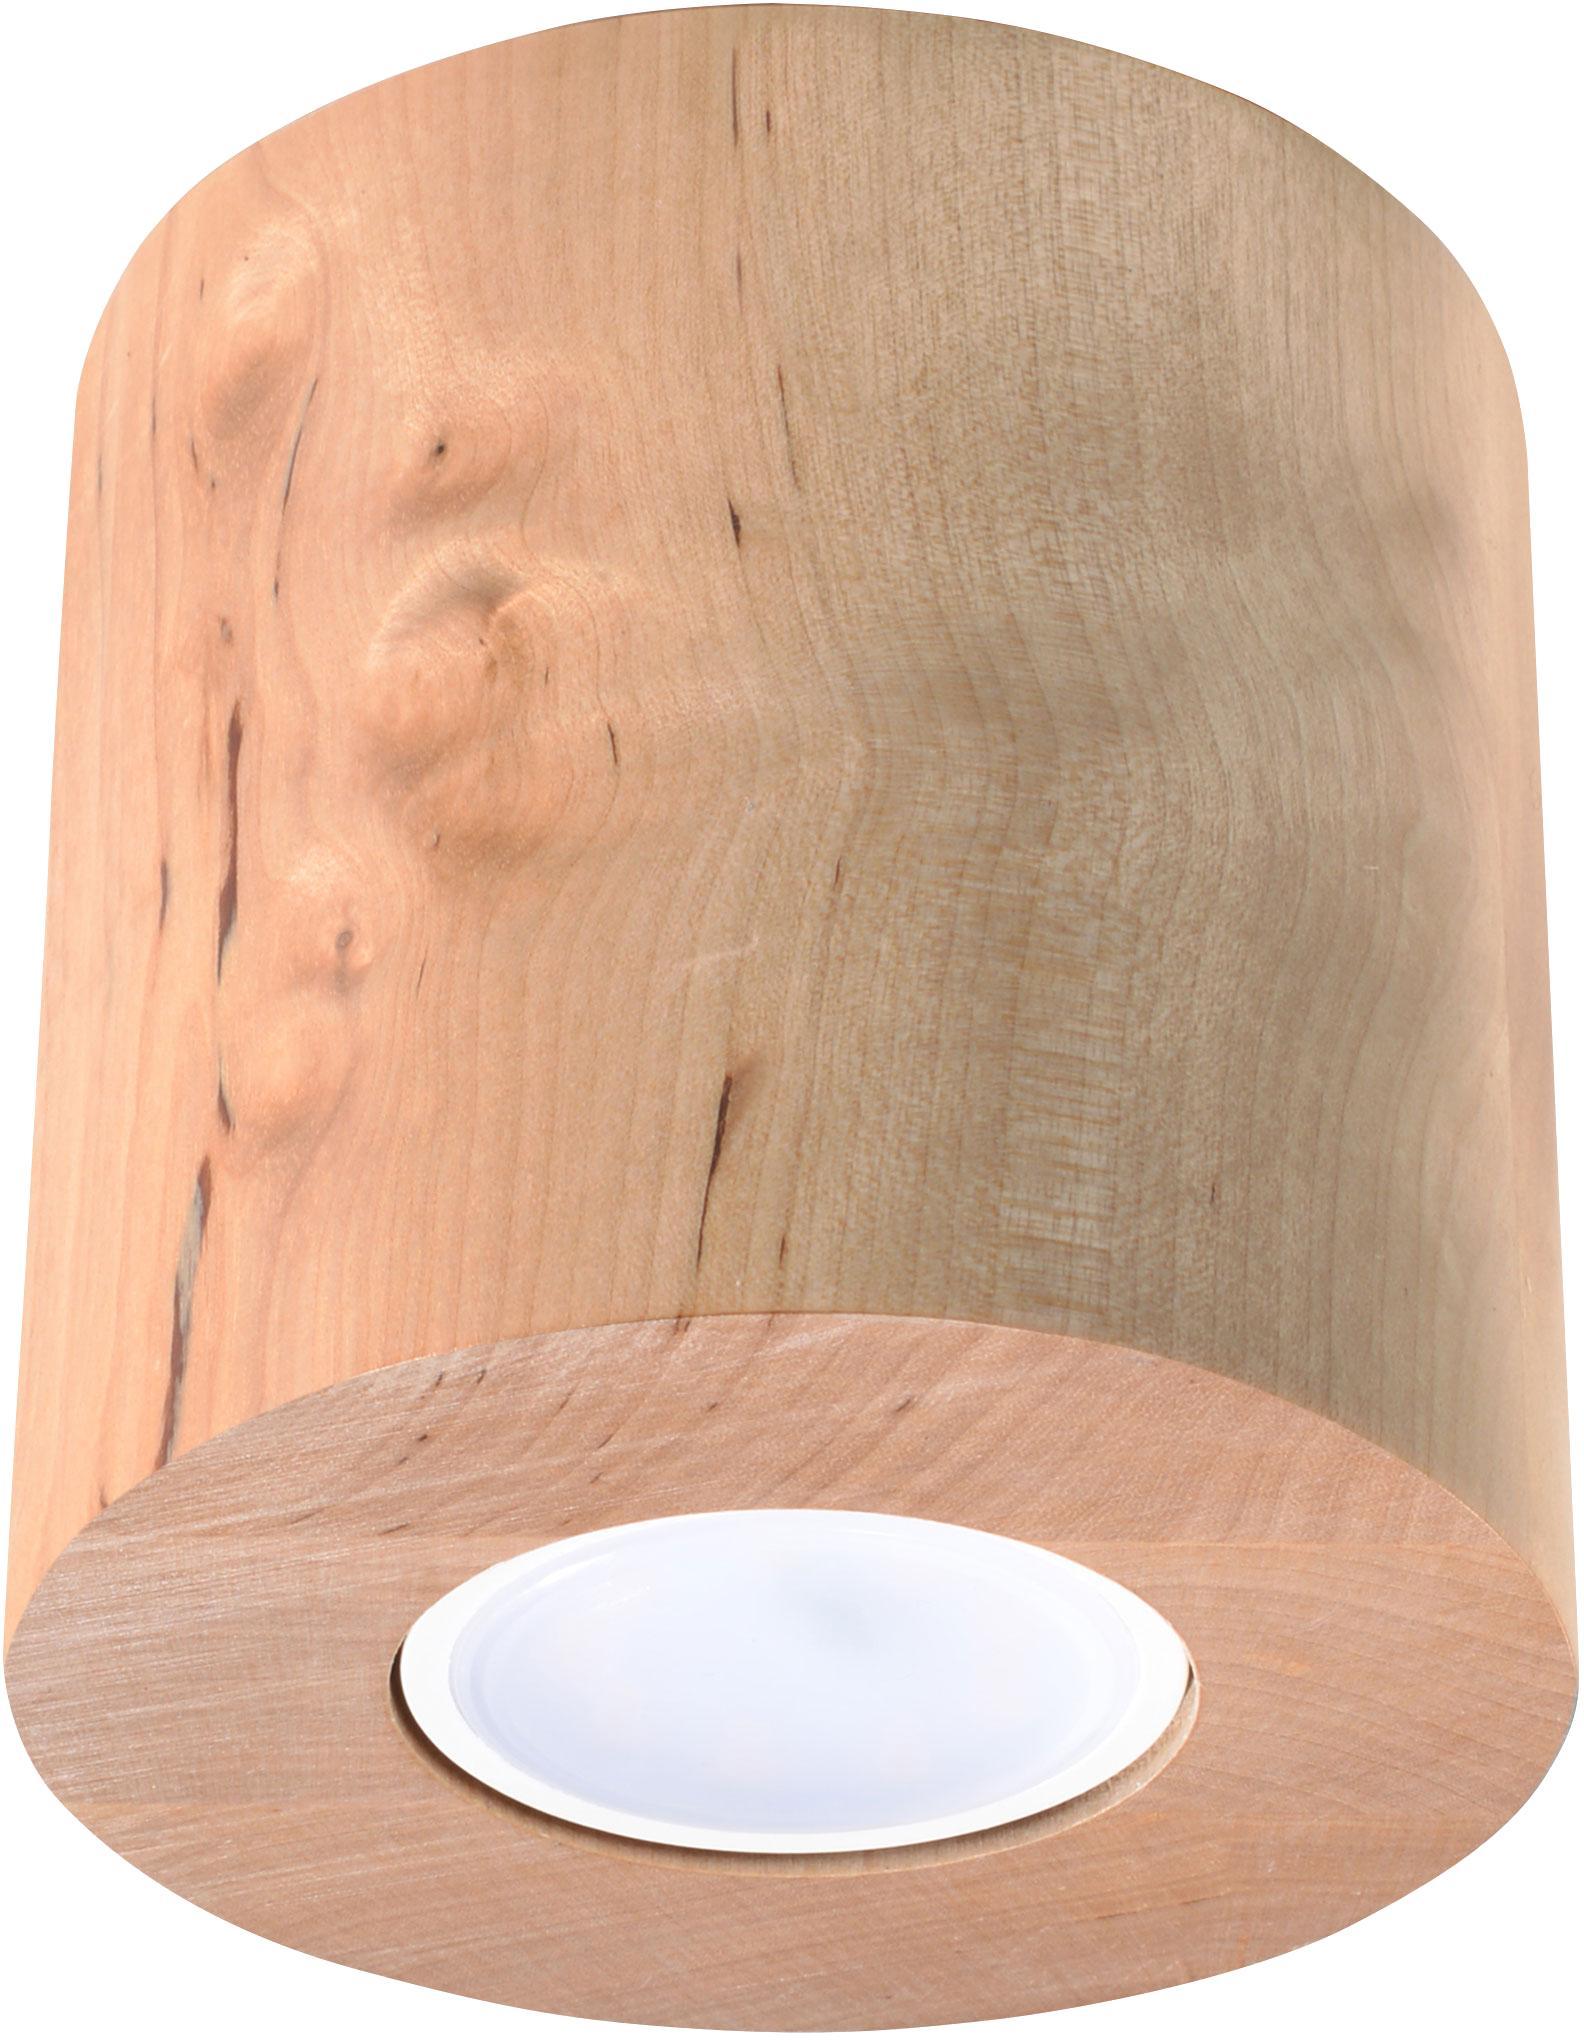 Faretto da soffitto in legno Roda, Marrone chiaro, Ø 10 x Alt. 12 cm